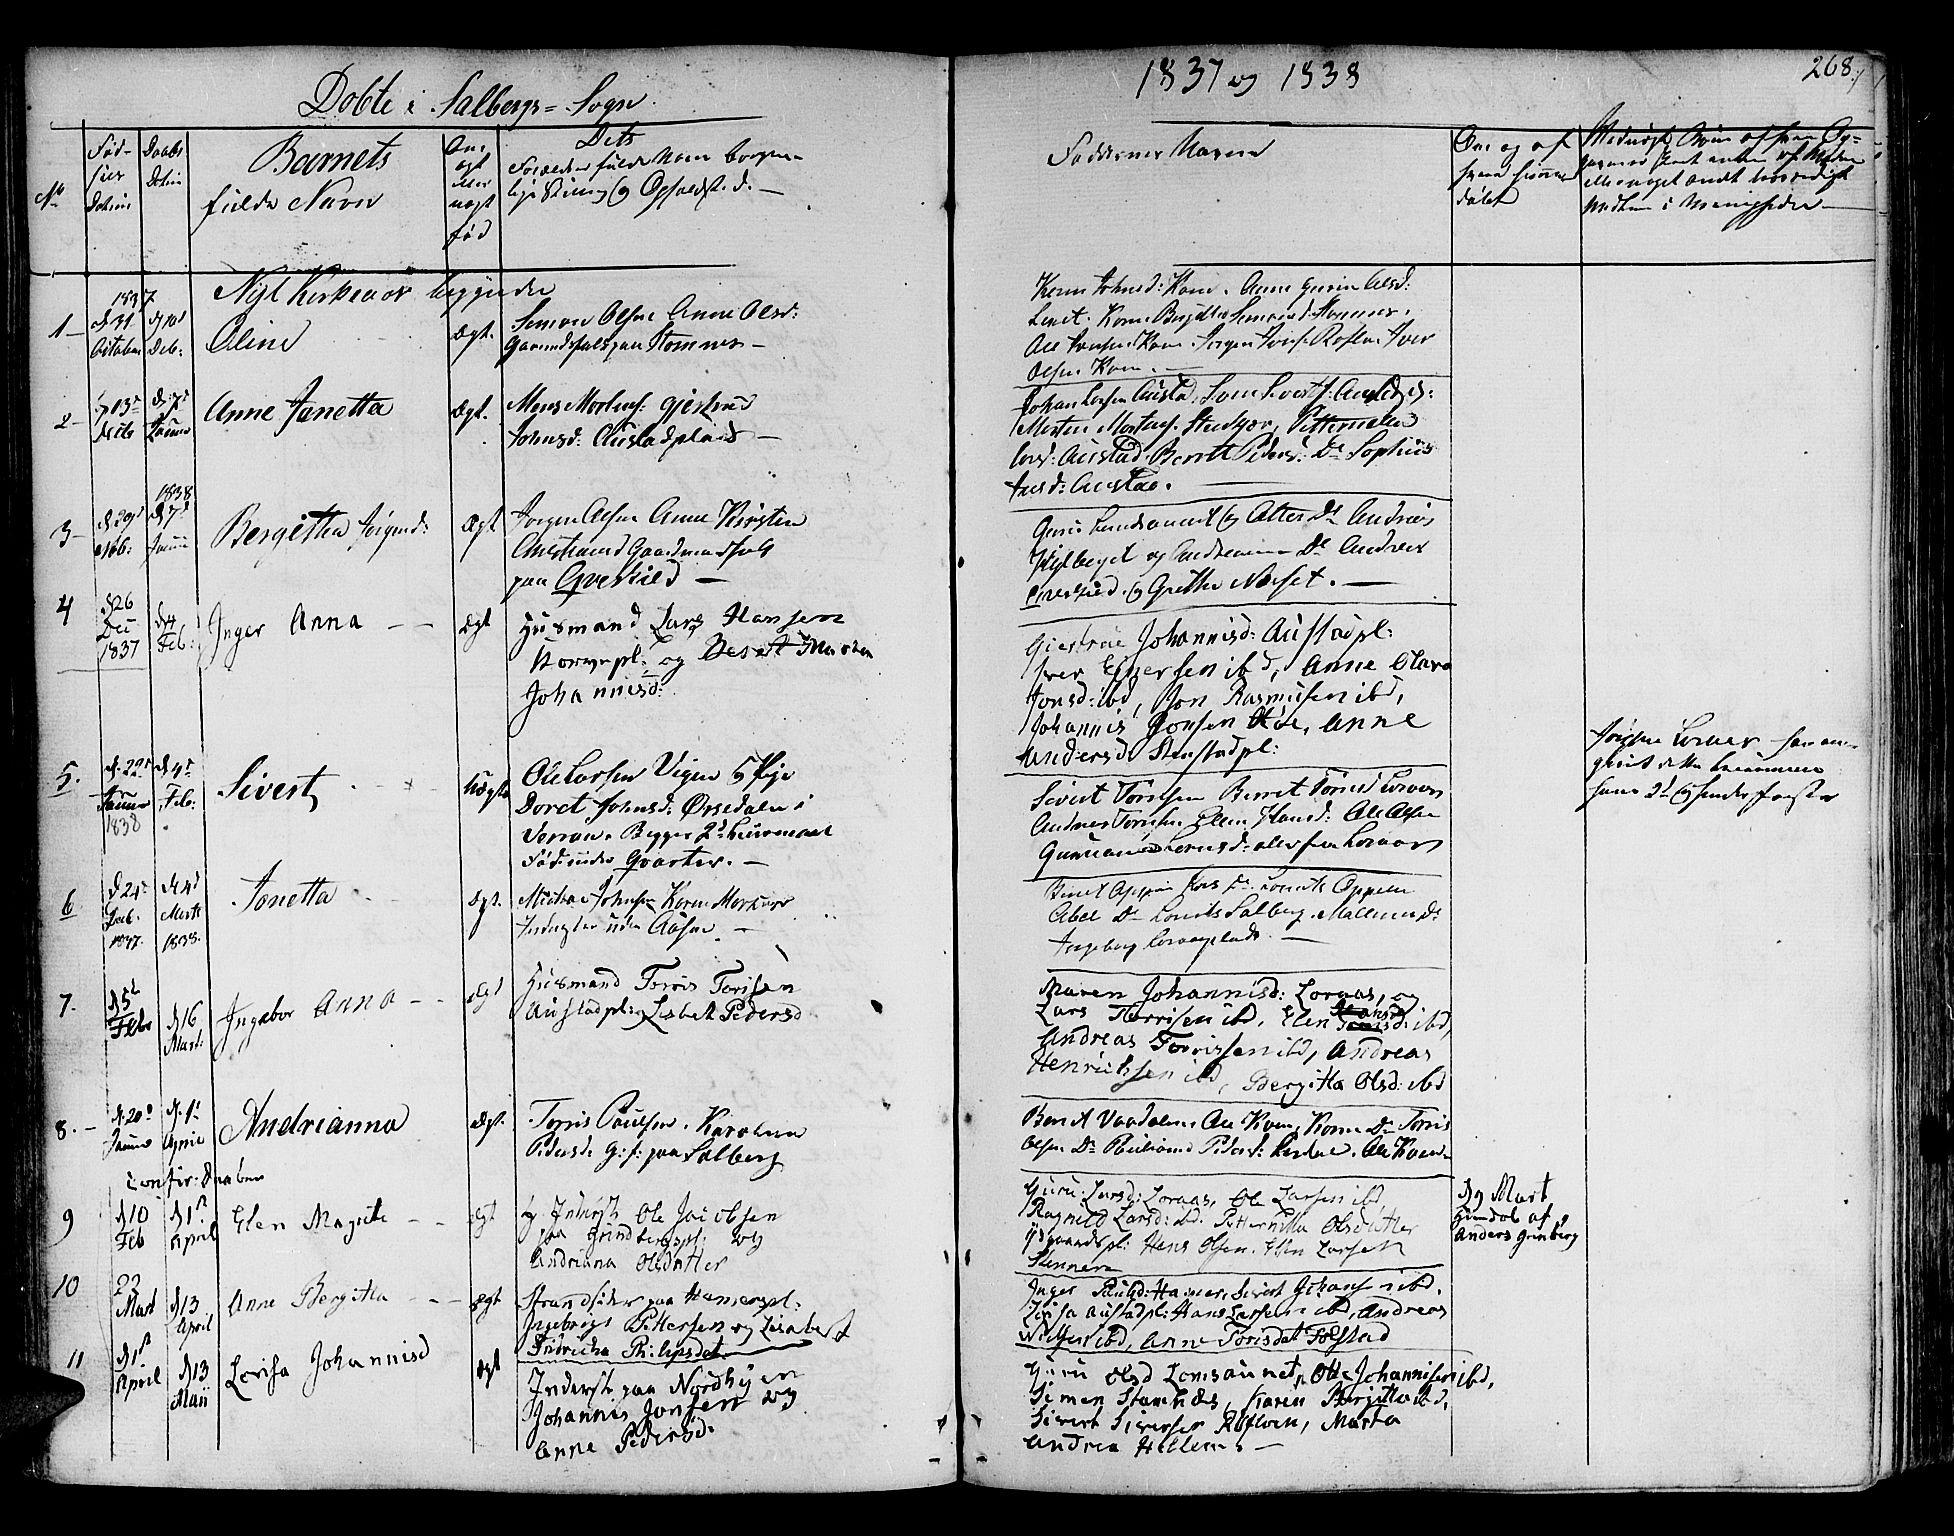 SAT, Ministerialprotokoller, klokkerbøker og fødselsregistre - Nord-Trøndelag, 730/L0277: Ministerialbok nr. 730A06 /2, 1831-1839, s. 268